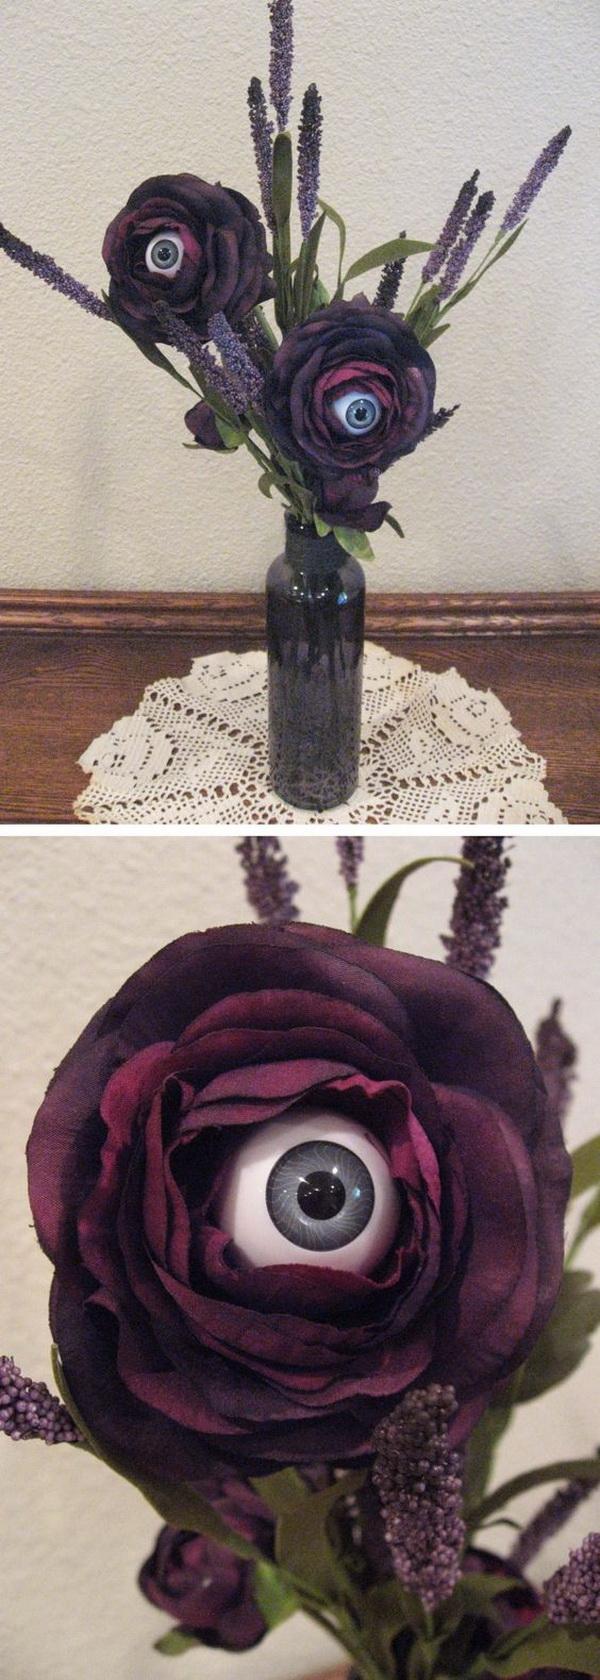 Halloween Flower Centerpiece with Eyeballs.